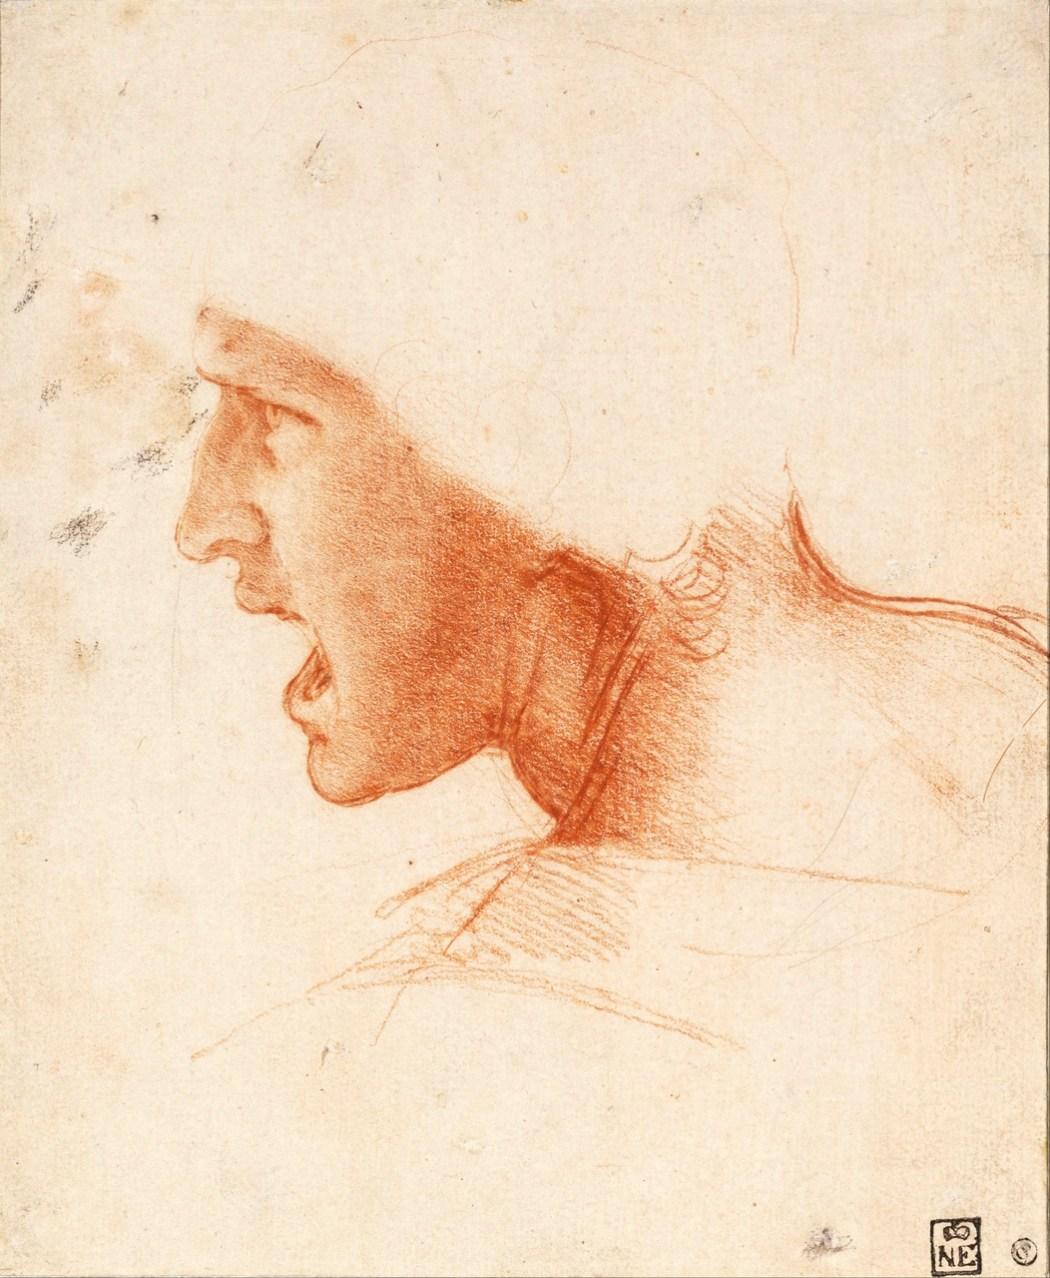 """Afbeelding: Leonardo Da Vinci (1452-1519) Studie van hoofd van een soldaat voor de Slag bij Anghiari. Collectie Szépművészeti Múzeum (""""Museum voor Schone Kunsten""""), Boedapest"""